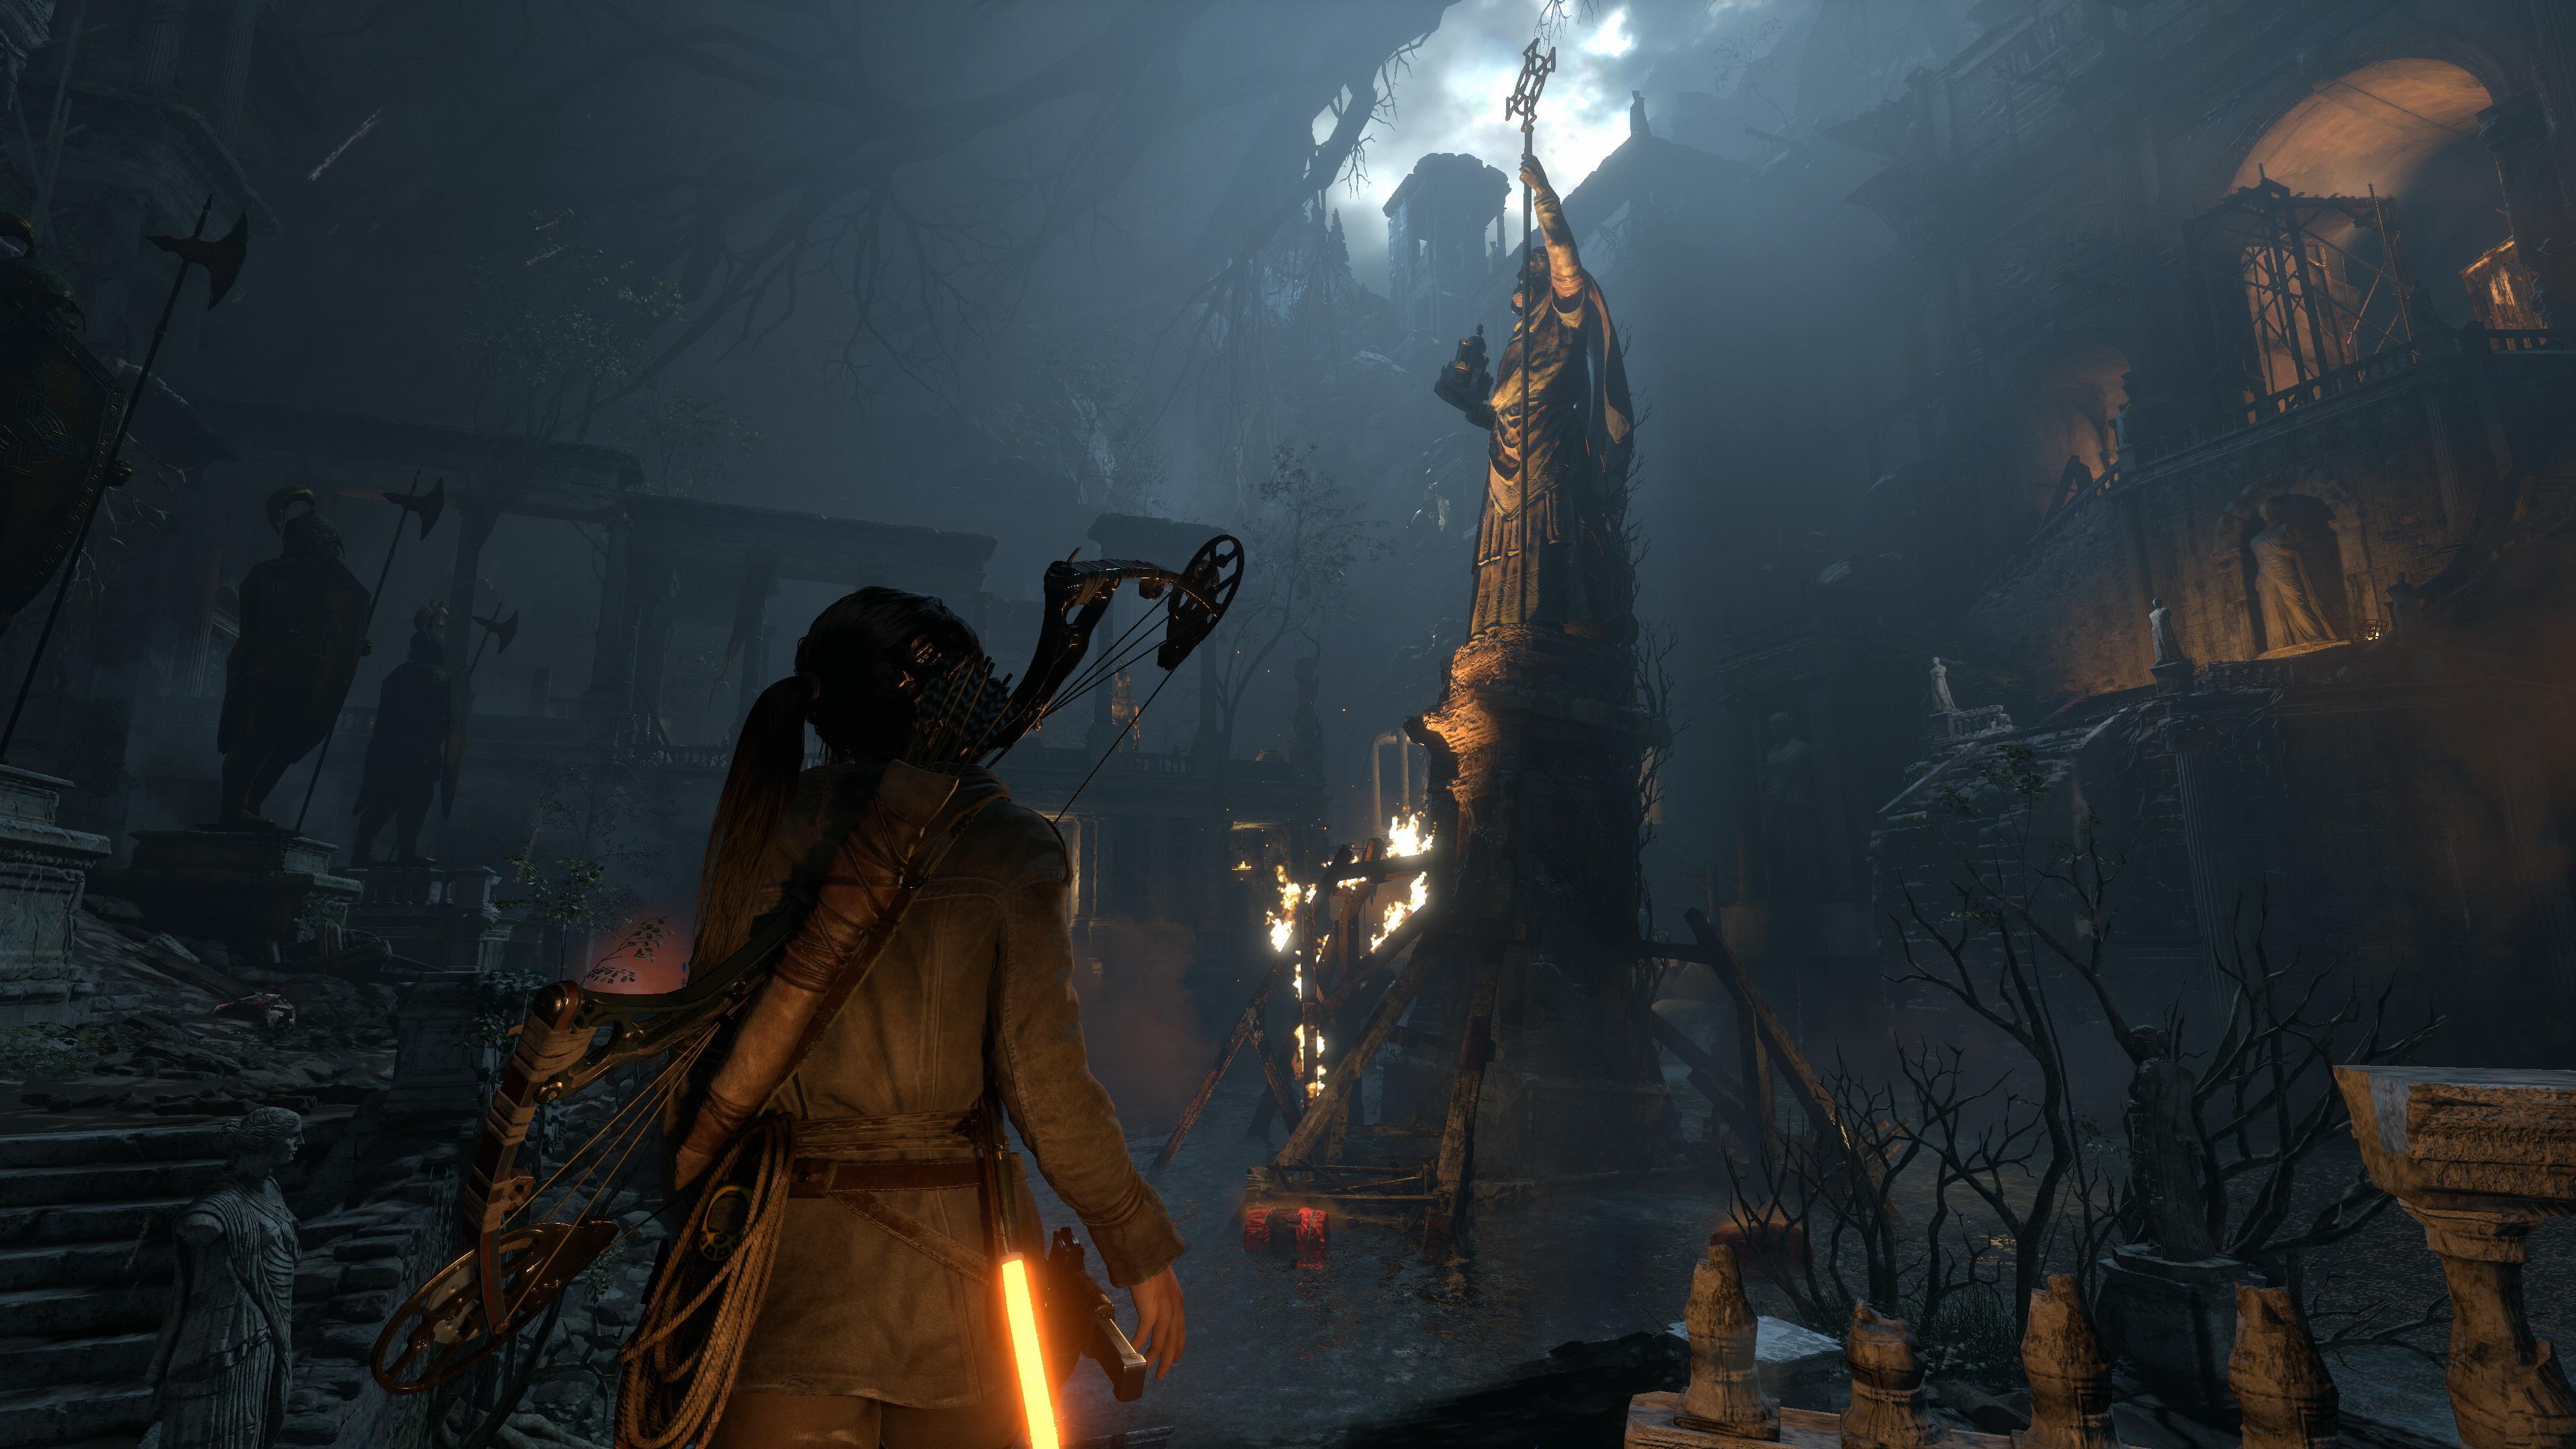 Rise Of The Tomb Raider Xbox One X Vs Ps4 Pro Comparison Shows